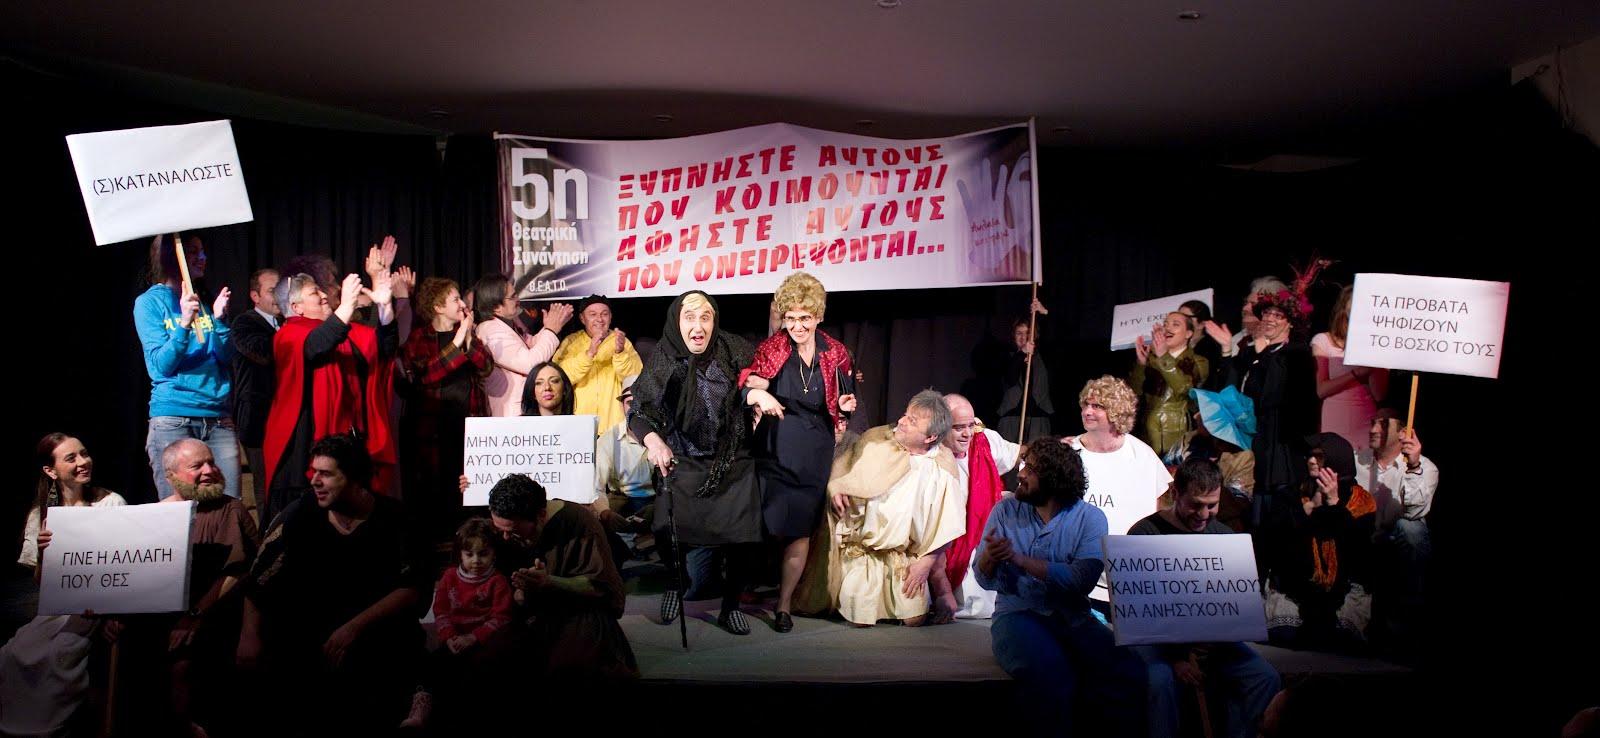 Θεσπρωτία: Όλα έτοιμα για τον 10ο θεατρικό Νοέμβρη της ΘΕΑΤΟ | Το πρόγραμμα και οι συμμετοχές.